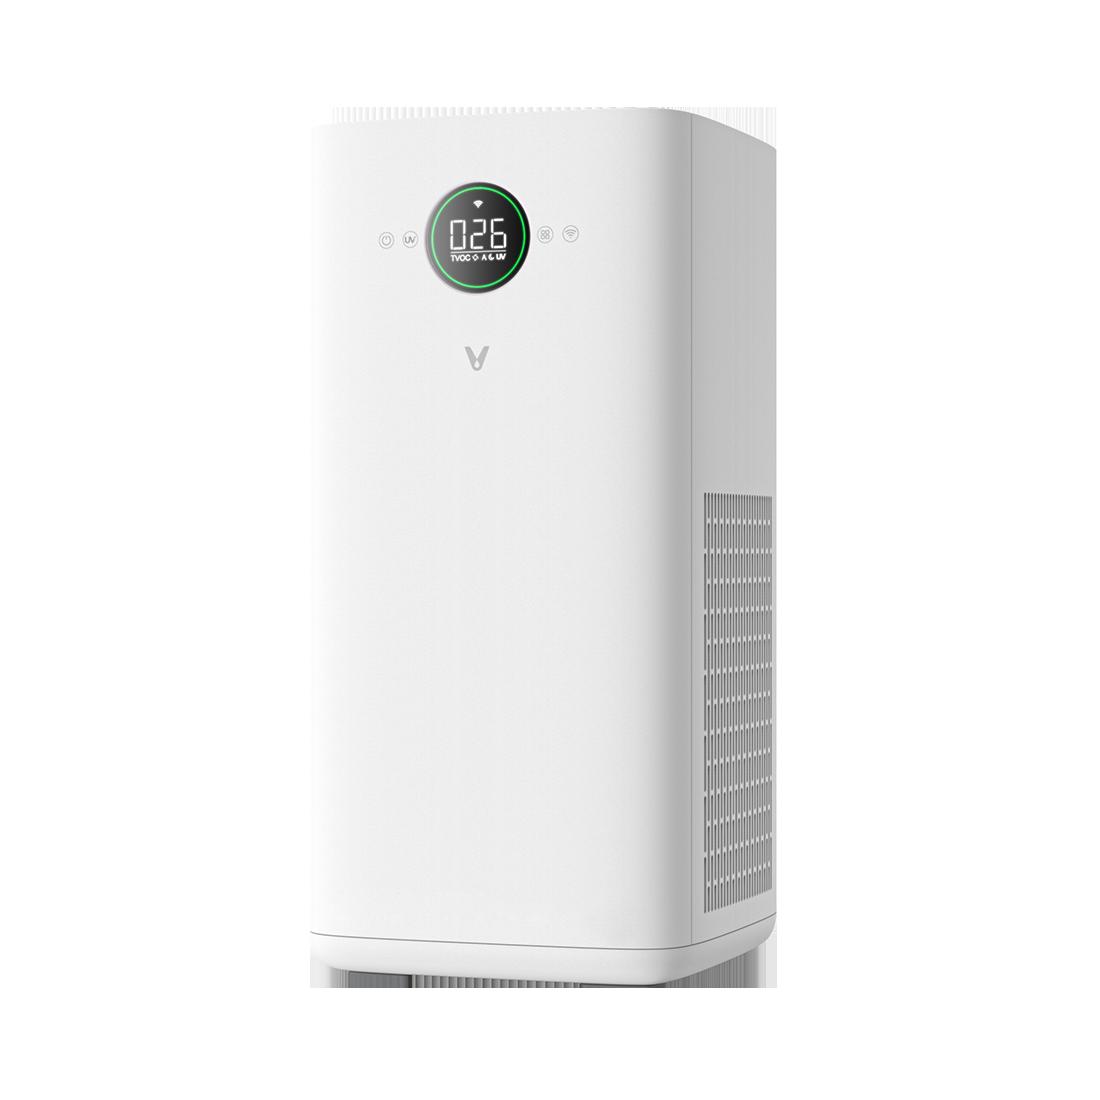 Пречиствател за въздух Viomi Smart Air, Wi-Fi App, CADR 500 м3/ч, UV лампа, Функция против комари, Температурен сензор, Бял